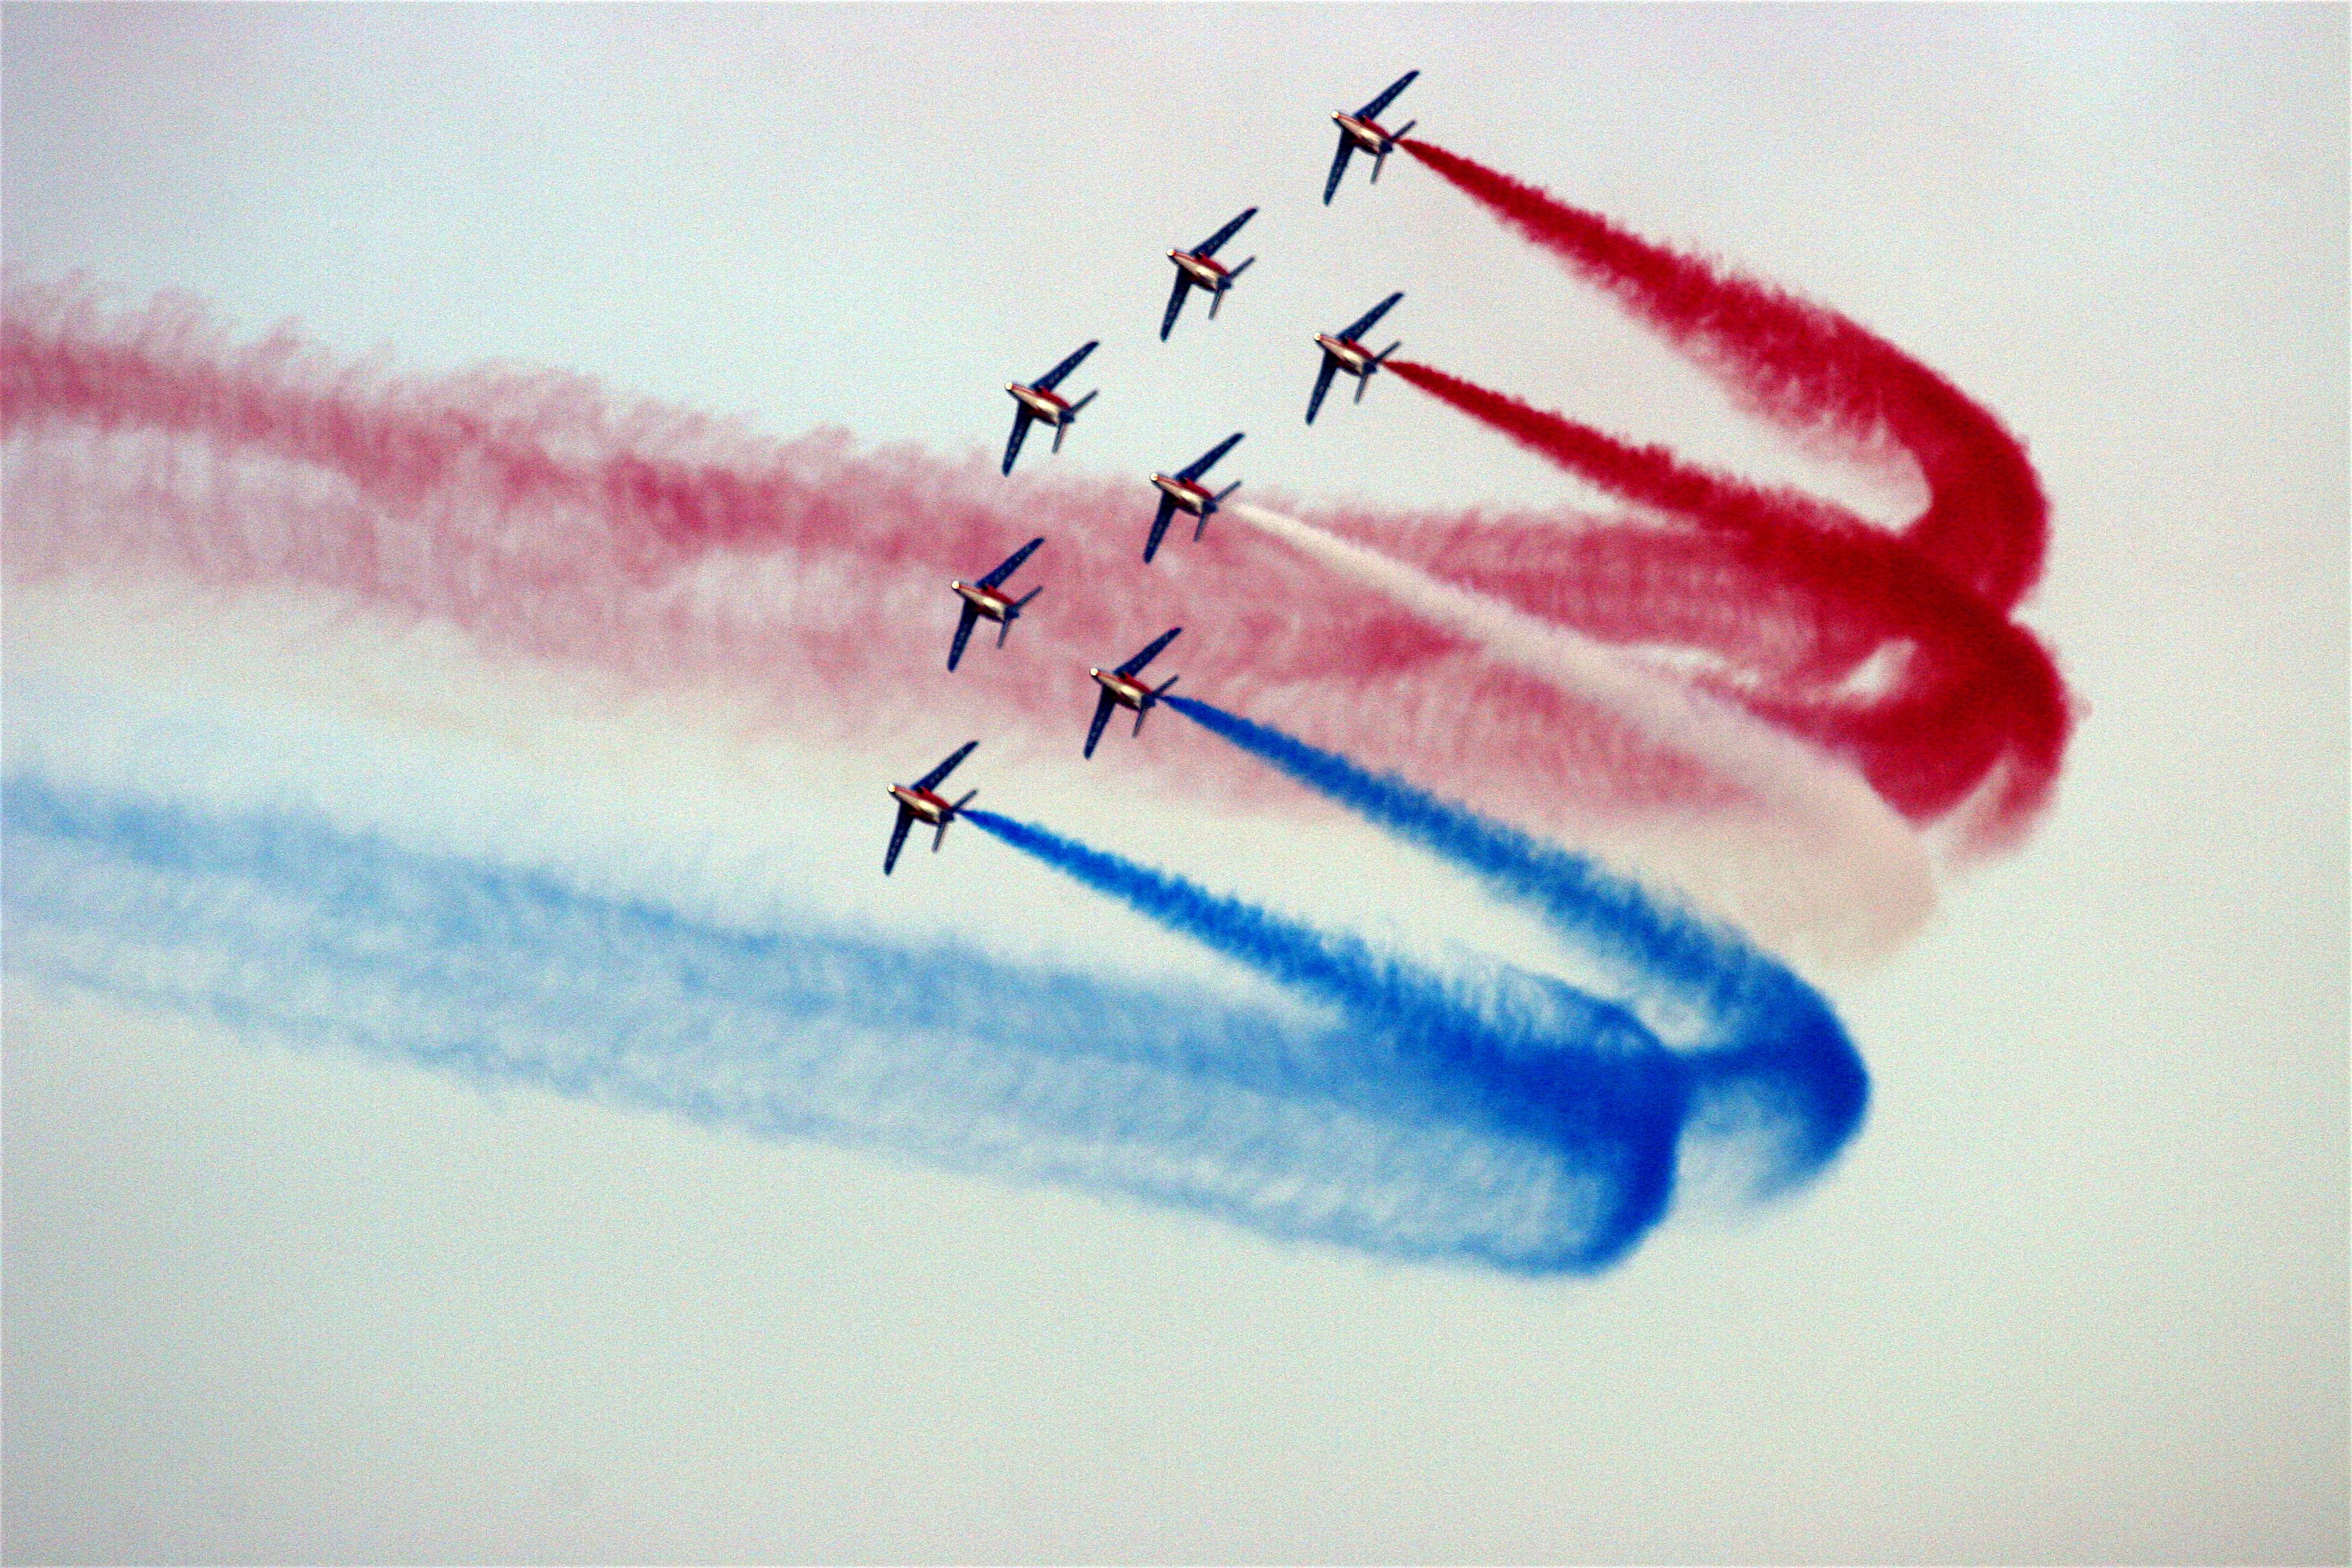 Patrouille-de-france-virage-tricolore-a-8.jpg